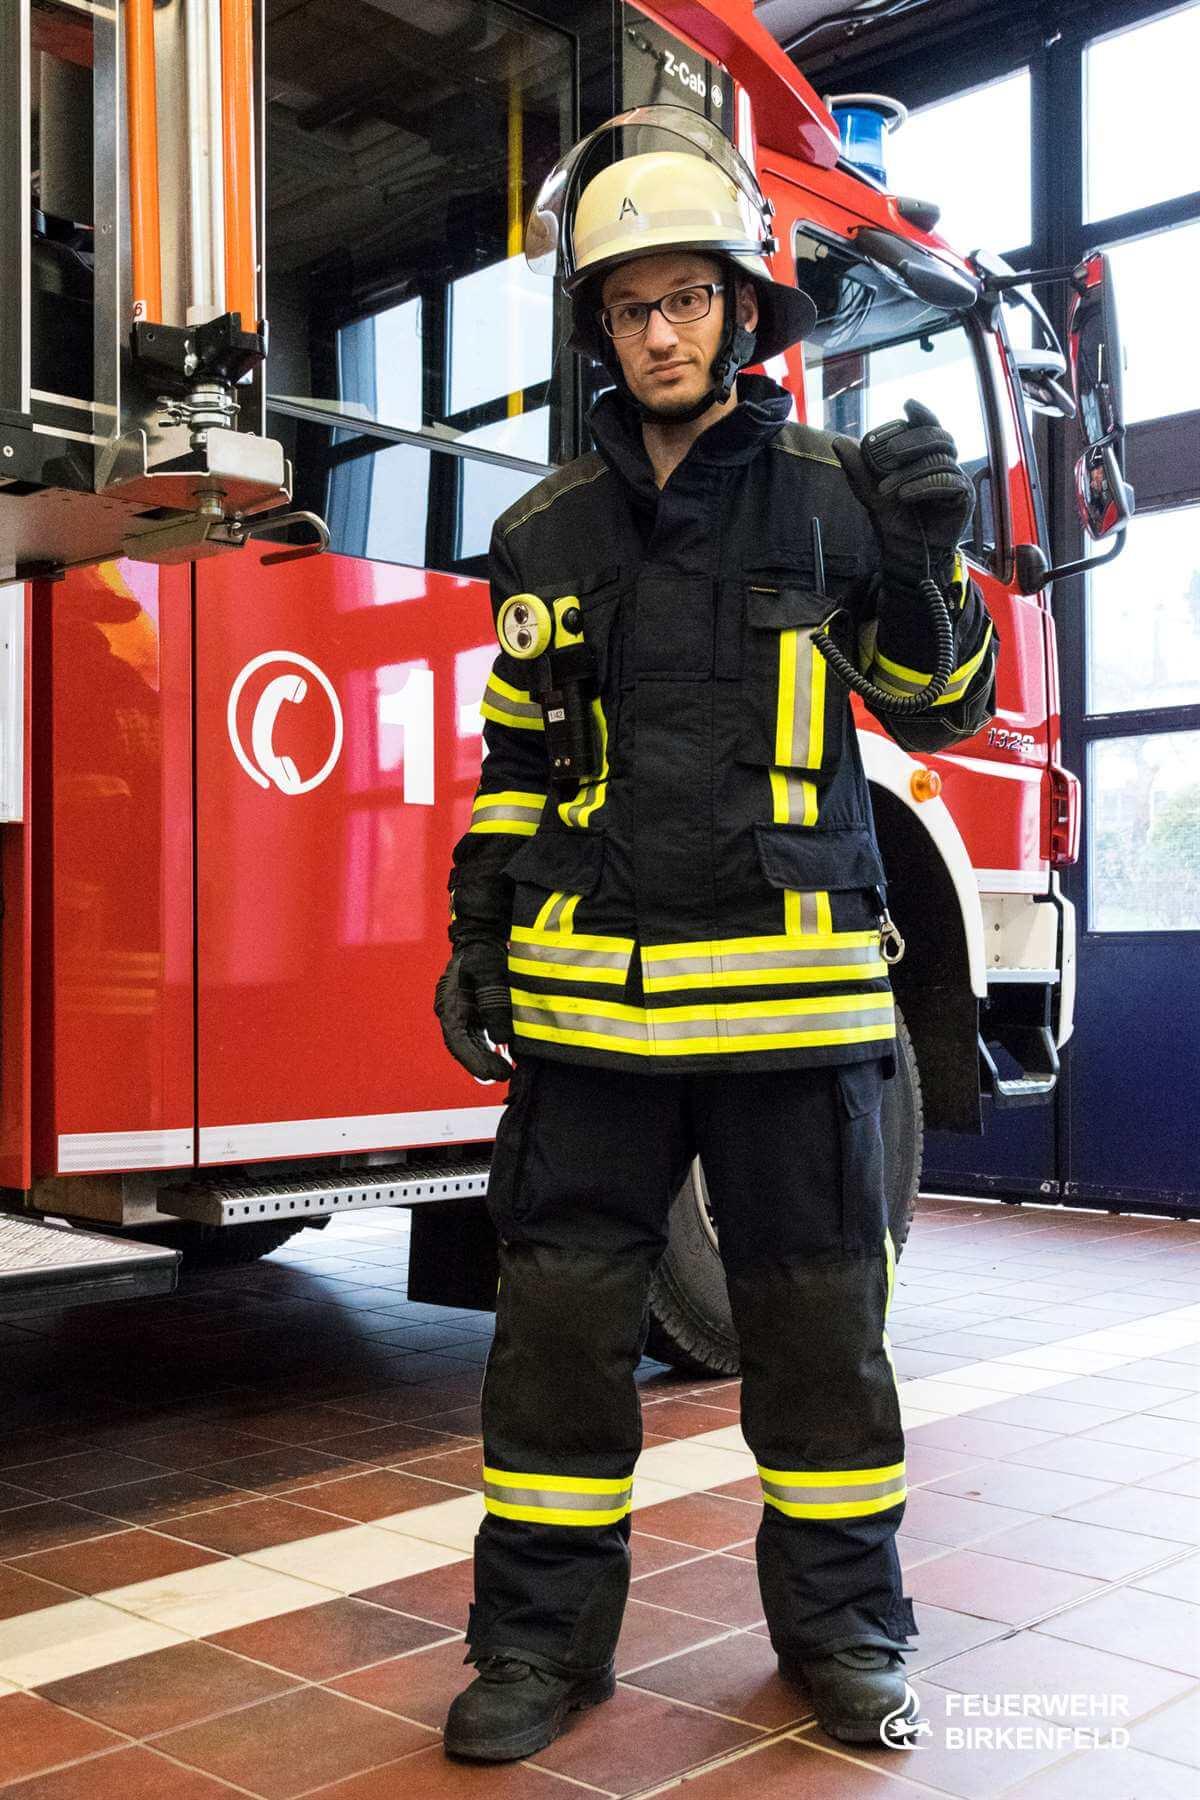 Feuerwehrmann in Brandschutzkleidung